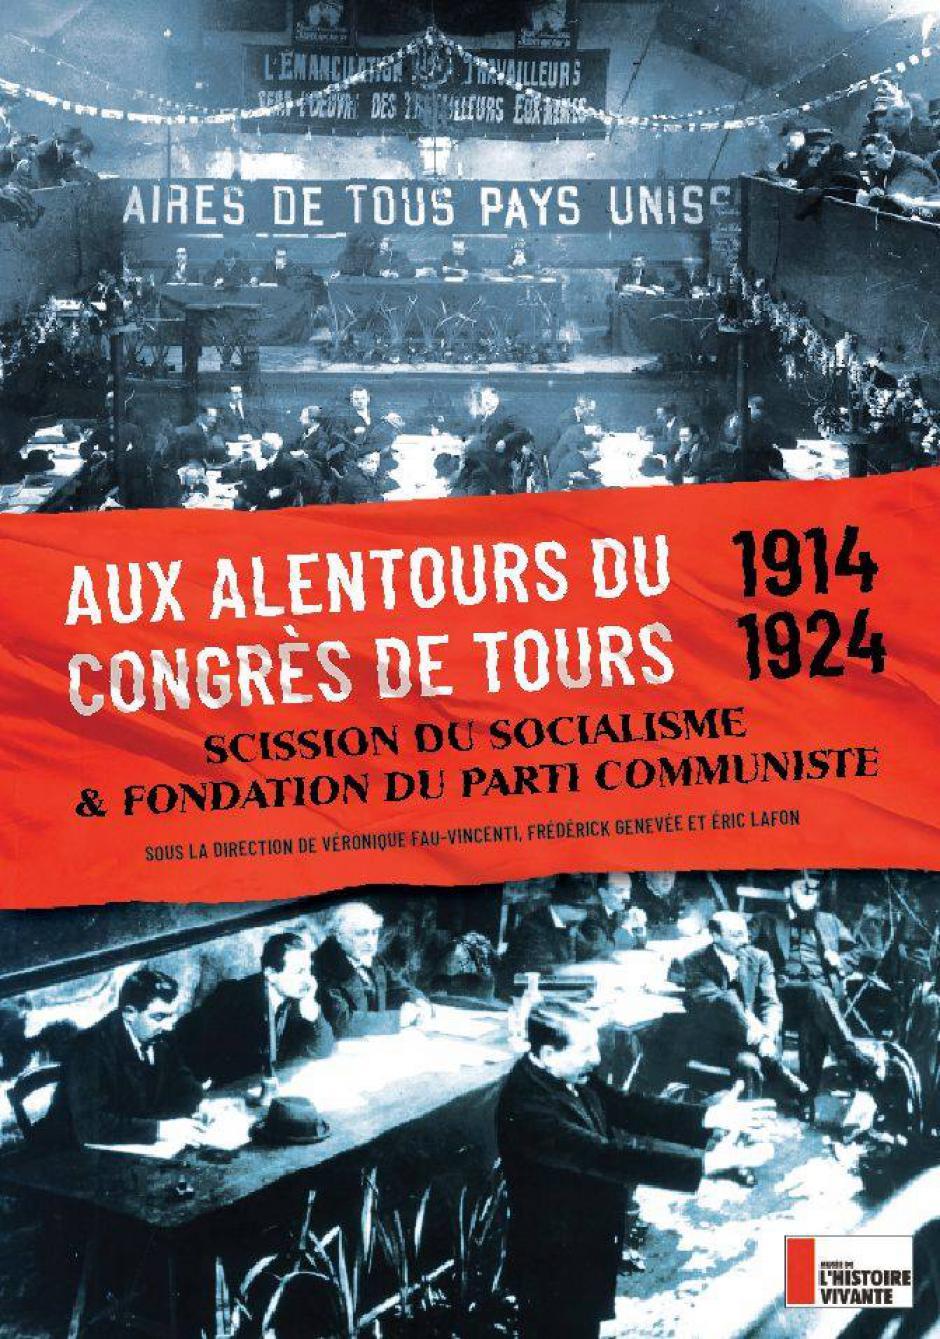 Je commande le livre « Aux alentours du Congrès de Tours - 1914-1924 » !